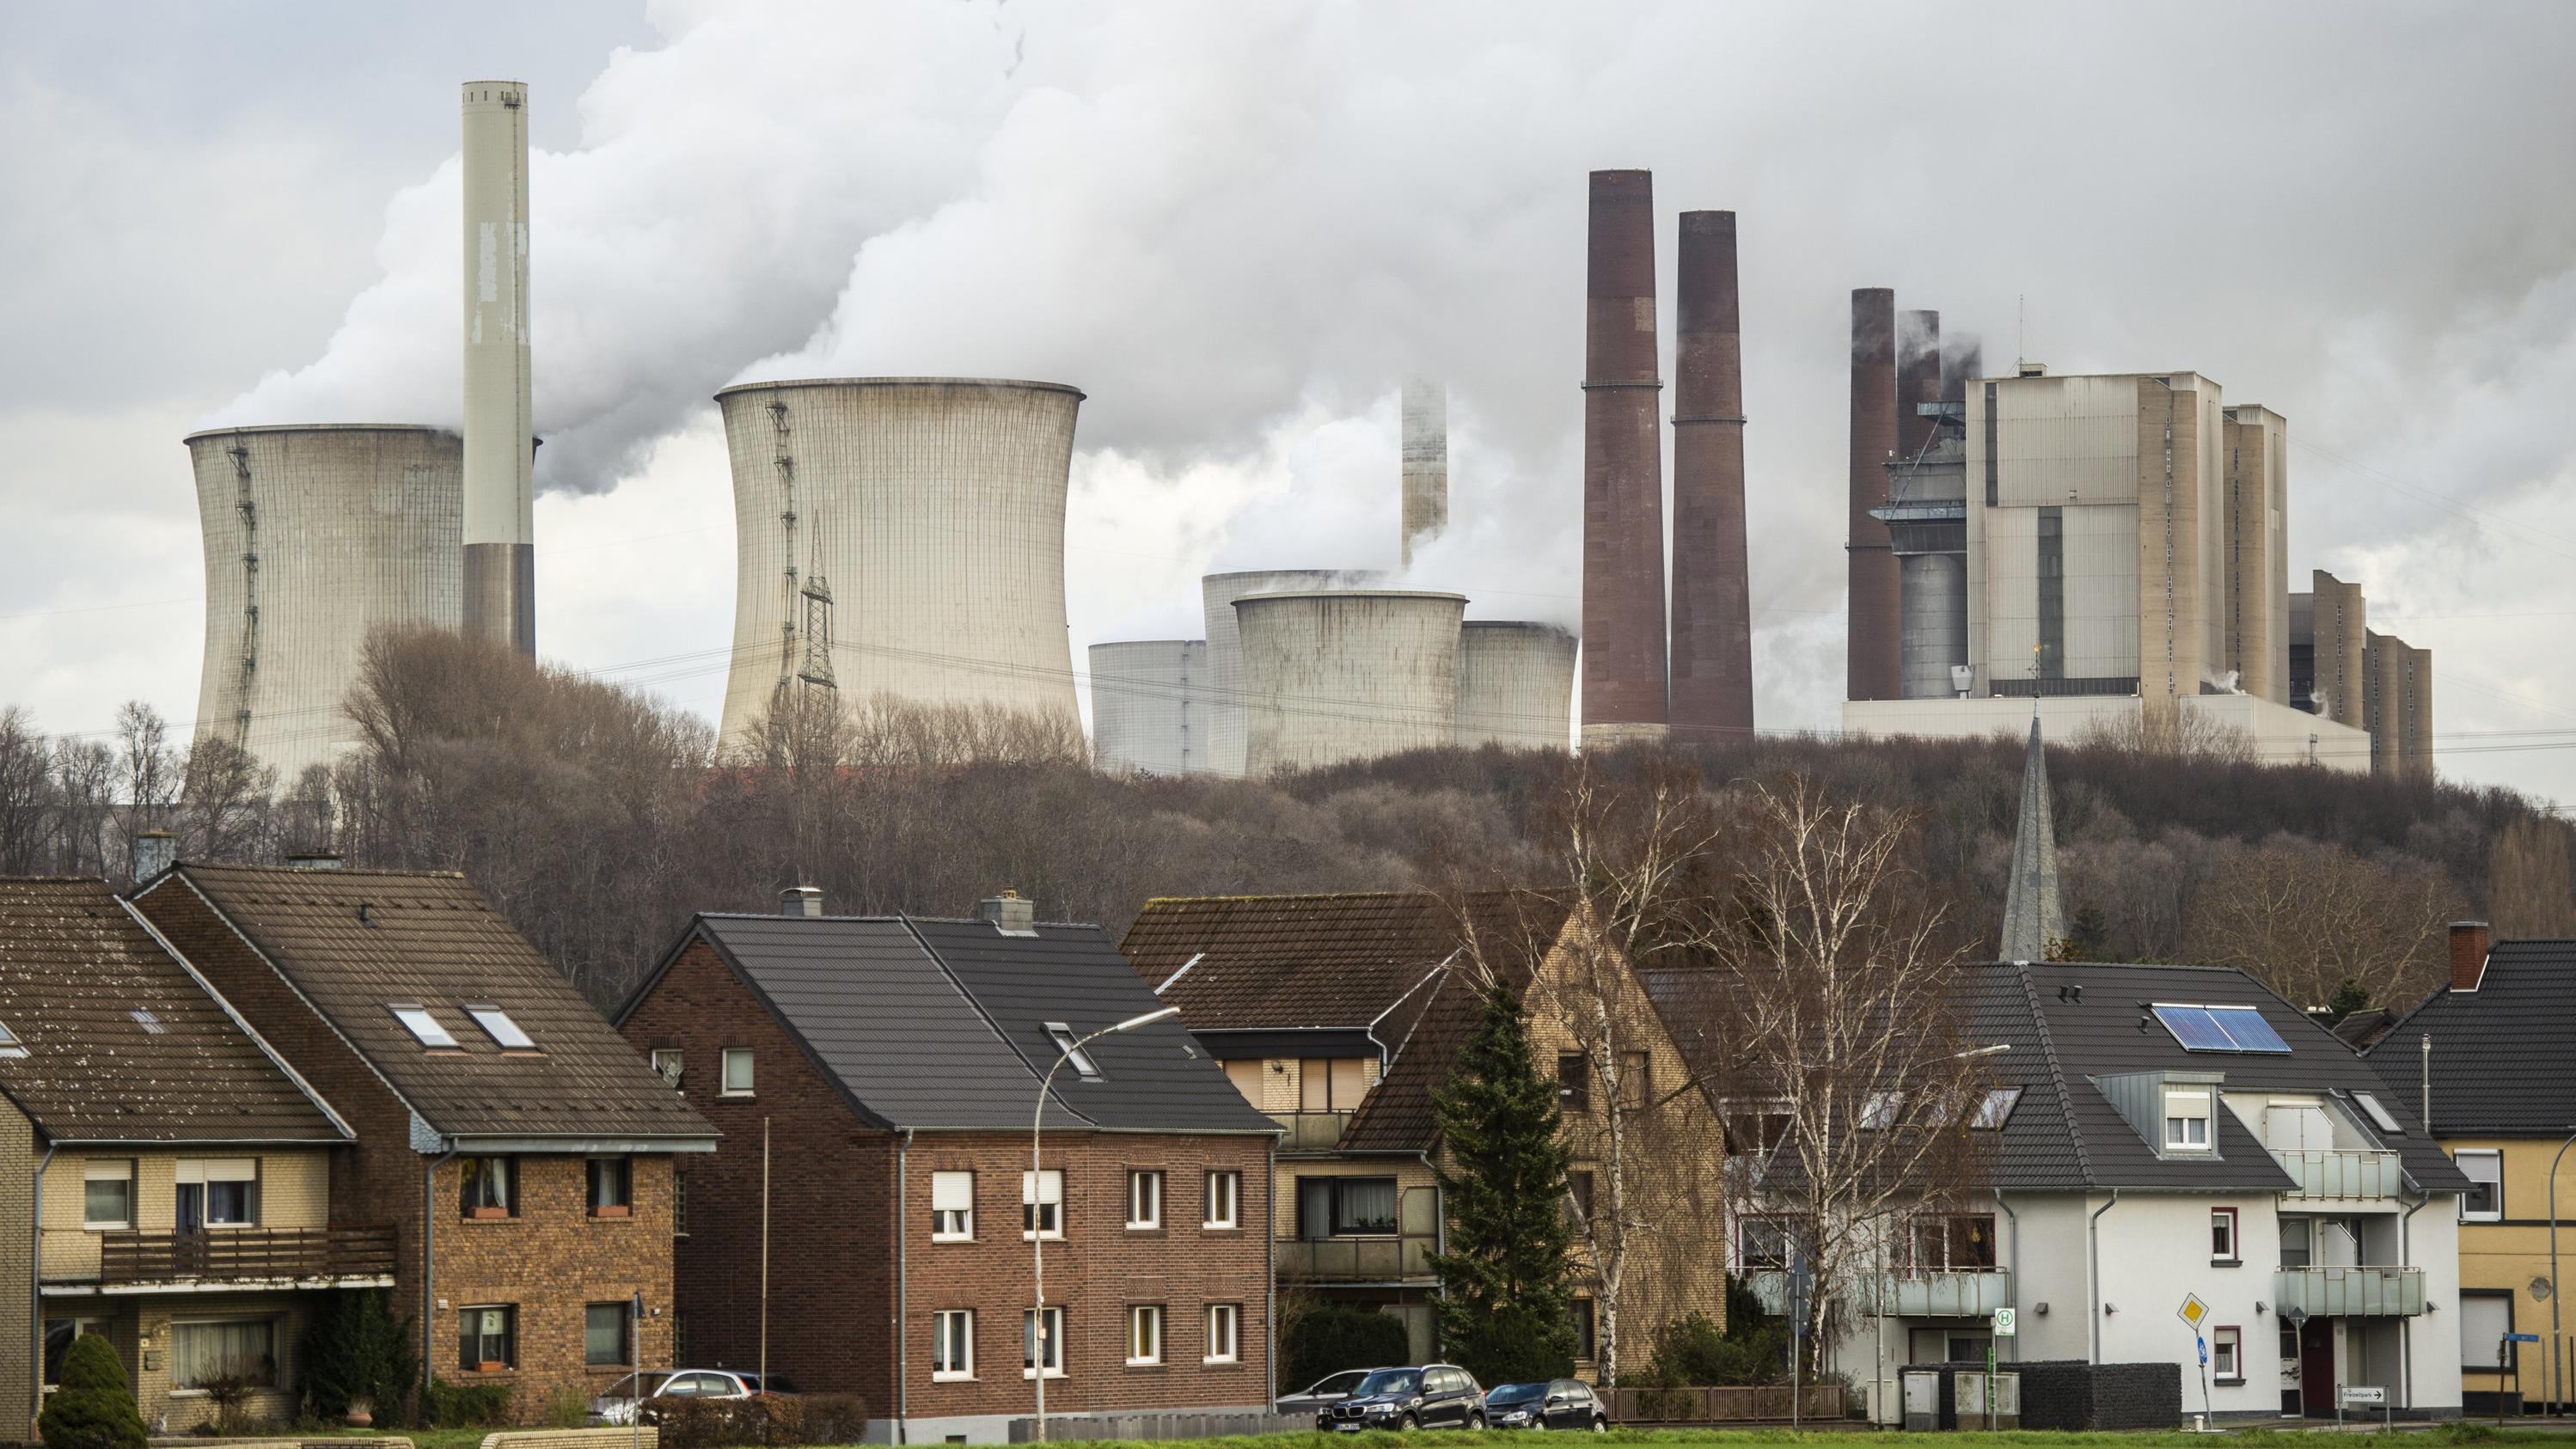 Grevenbroich (NRW) - Kühltürme des RWE-Braunkohlekraftwerks Neurath